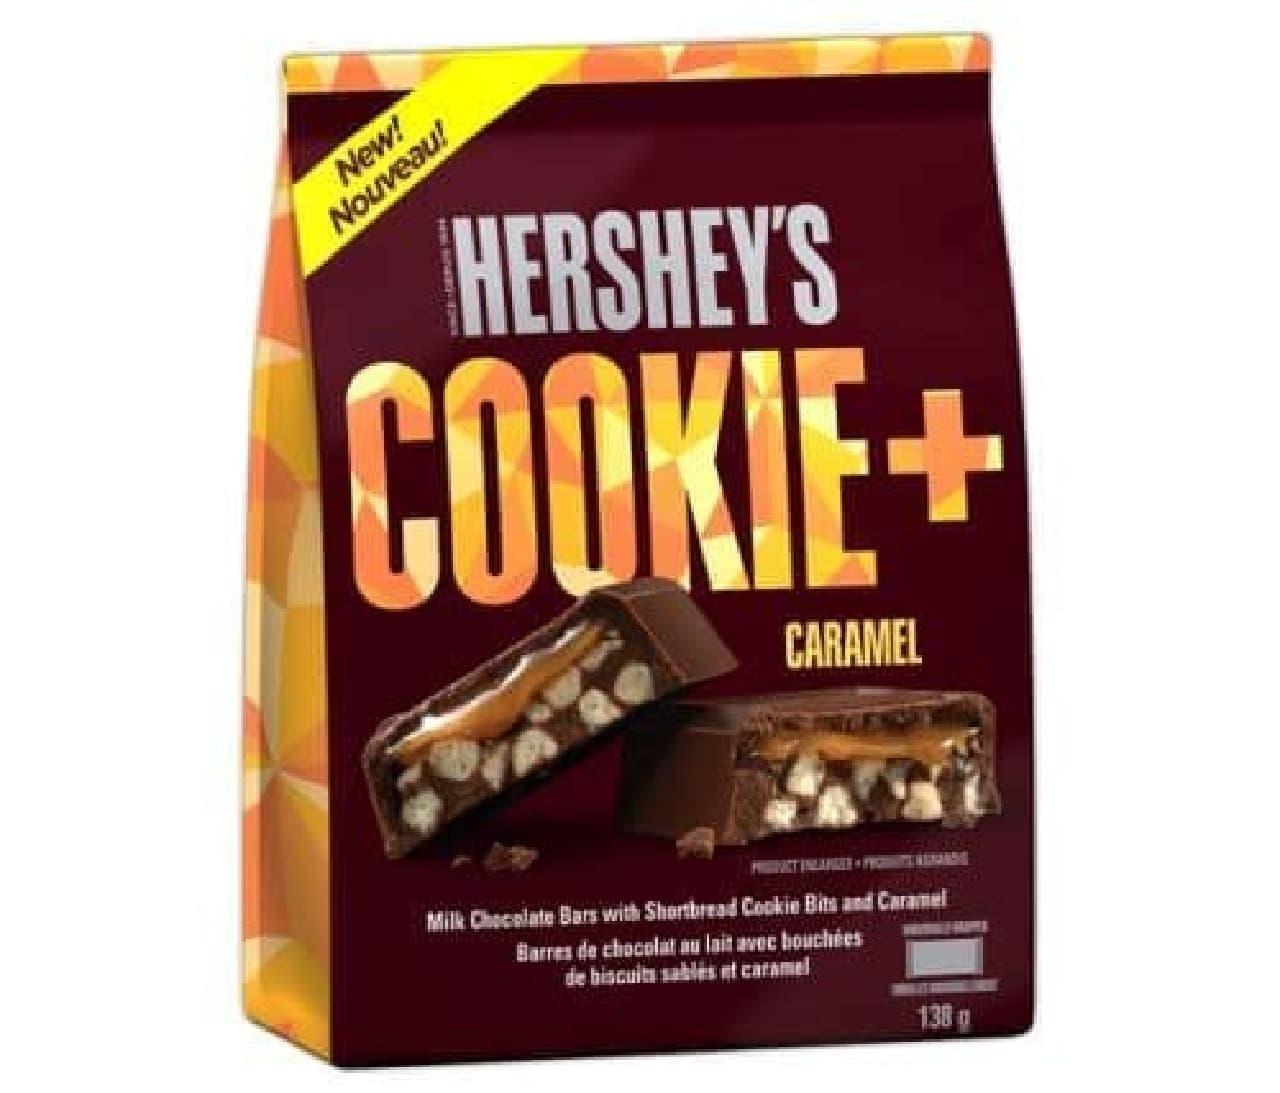 ハーシーズ クッキープラス キャラメルは、ミルクチョコレートとキャラメルソース、サクッと食感のクッキーが組み合わされたお菓子